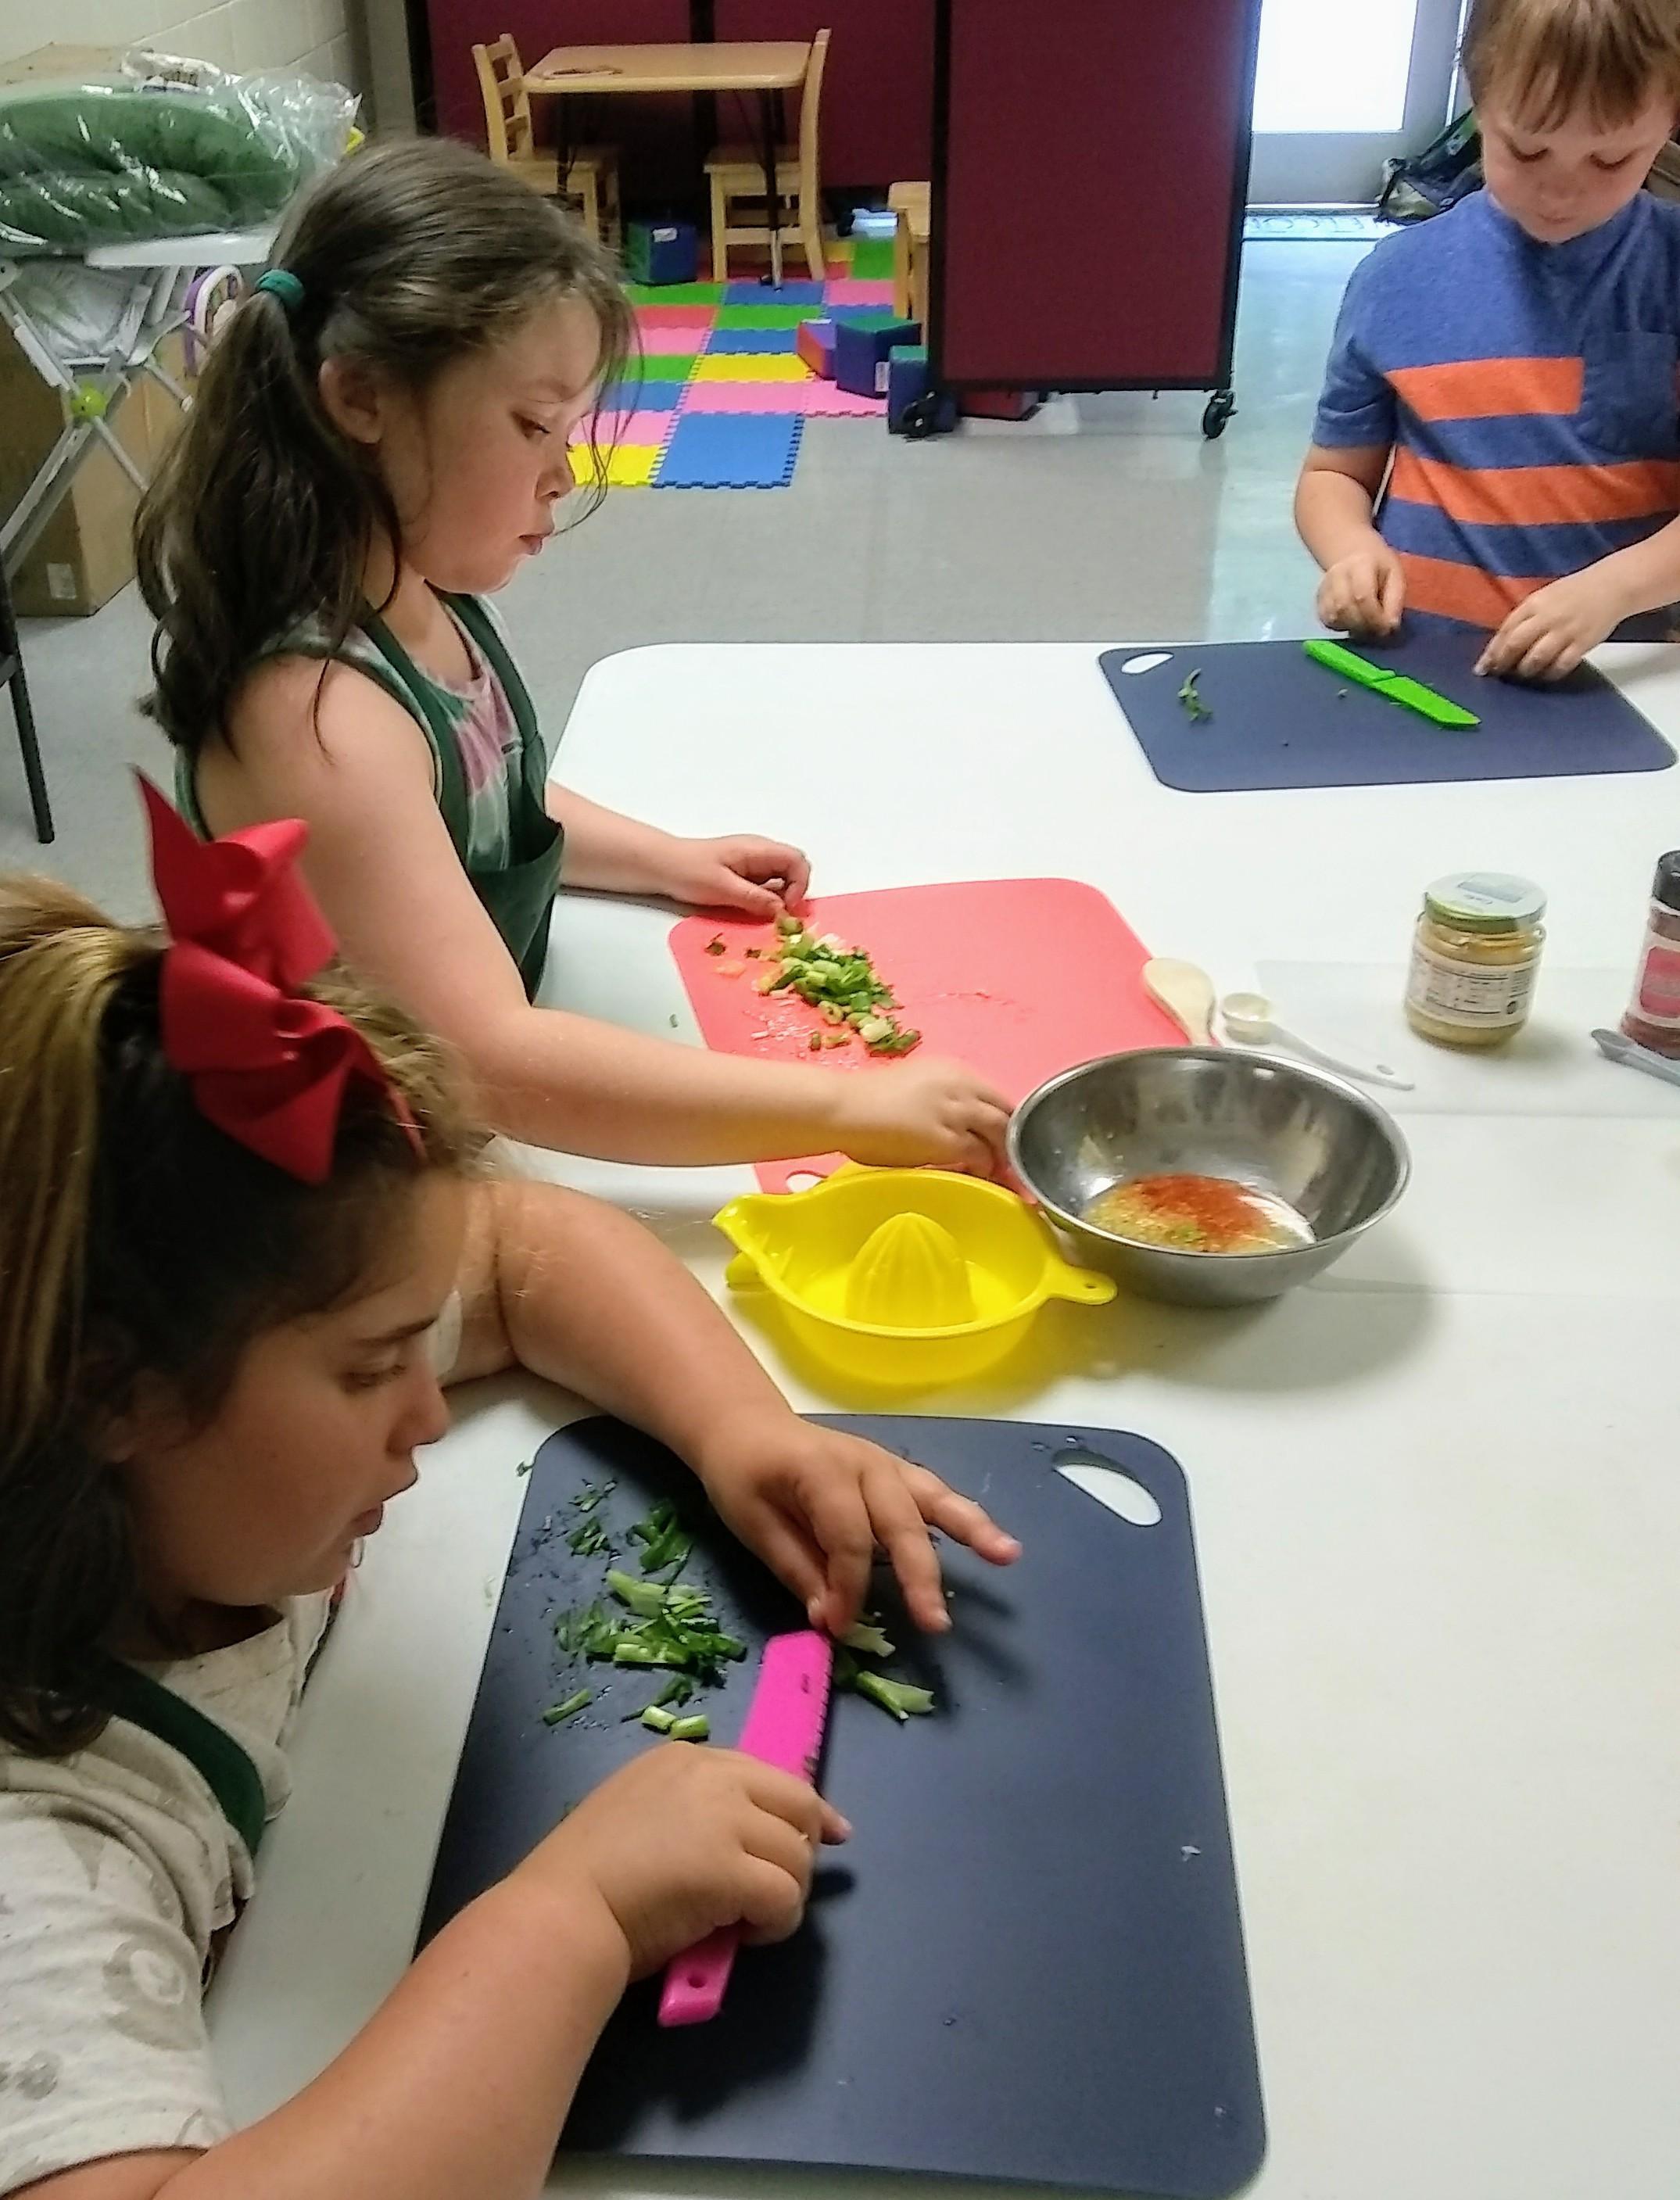 kids juicing limes for salad dressing